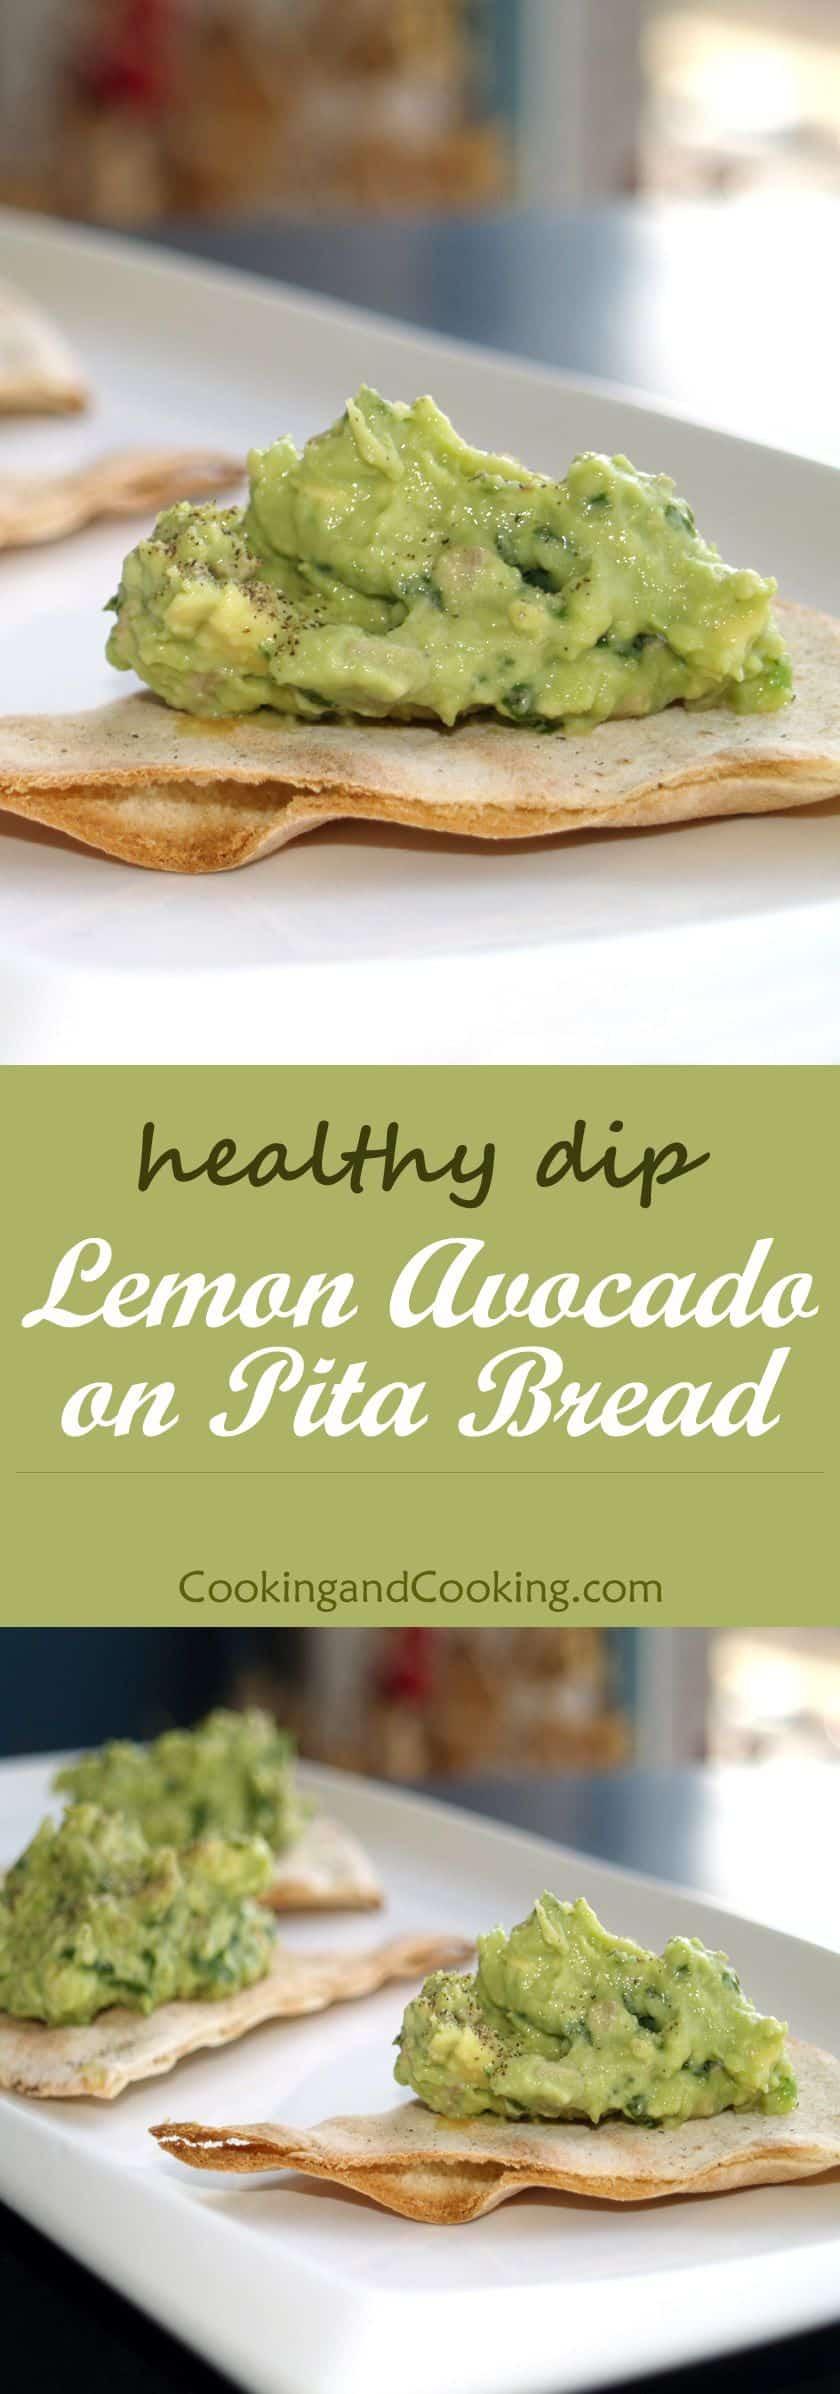 Lemon avocado dip with pita bread